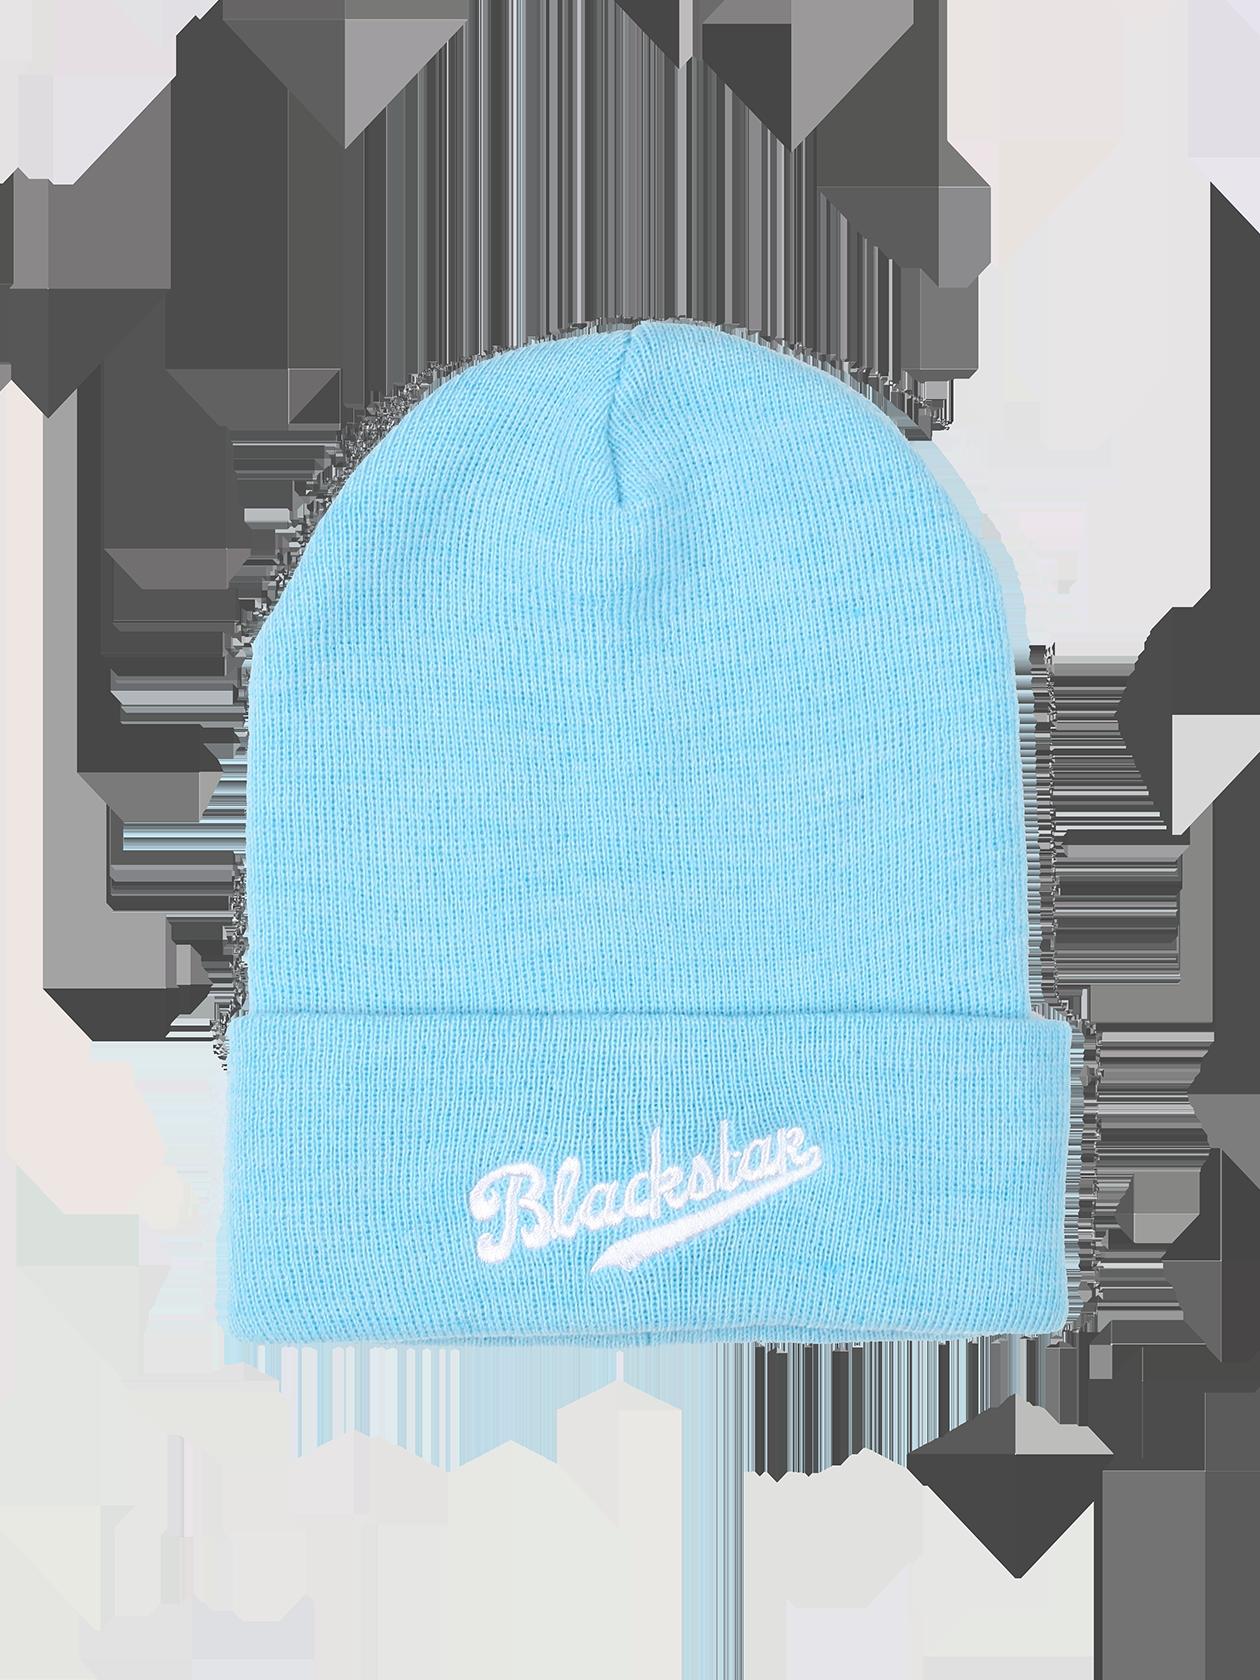 Шапка унисекс ChampionТёплая шапка унисекс Black Star Wear. Модель с подворотом, декорированным вышивкой Blackstar. Изделие из 100% акрила. Доступно голубом, синем, бордовом и чёрном цвете.<br><br>Размер: Единый размер<br>Цвет: Голубой<br>Пол: Унисекс